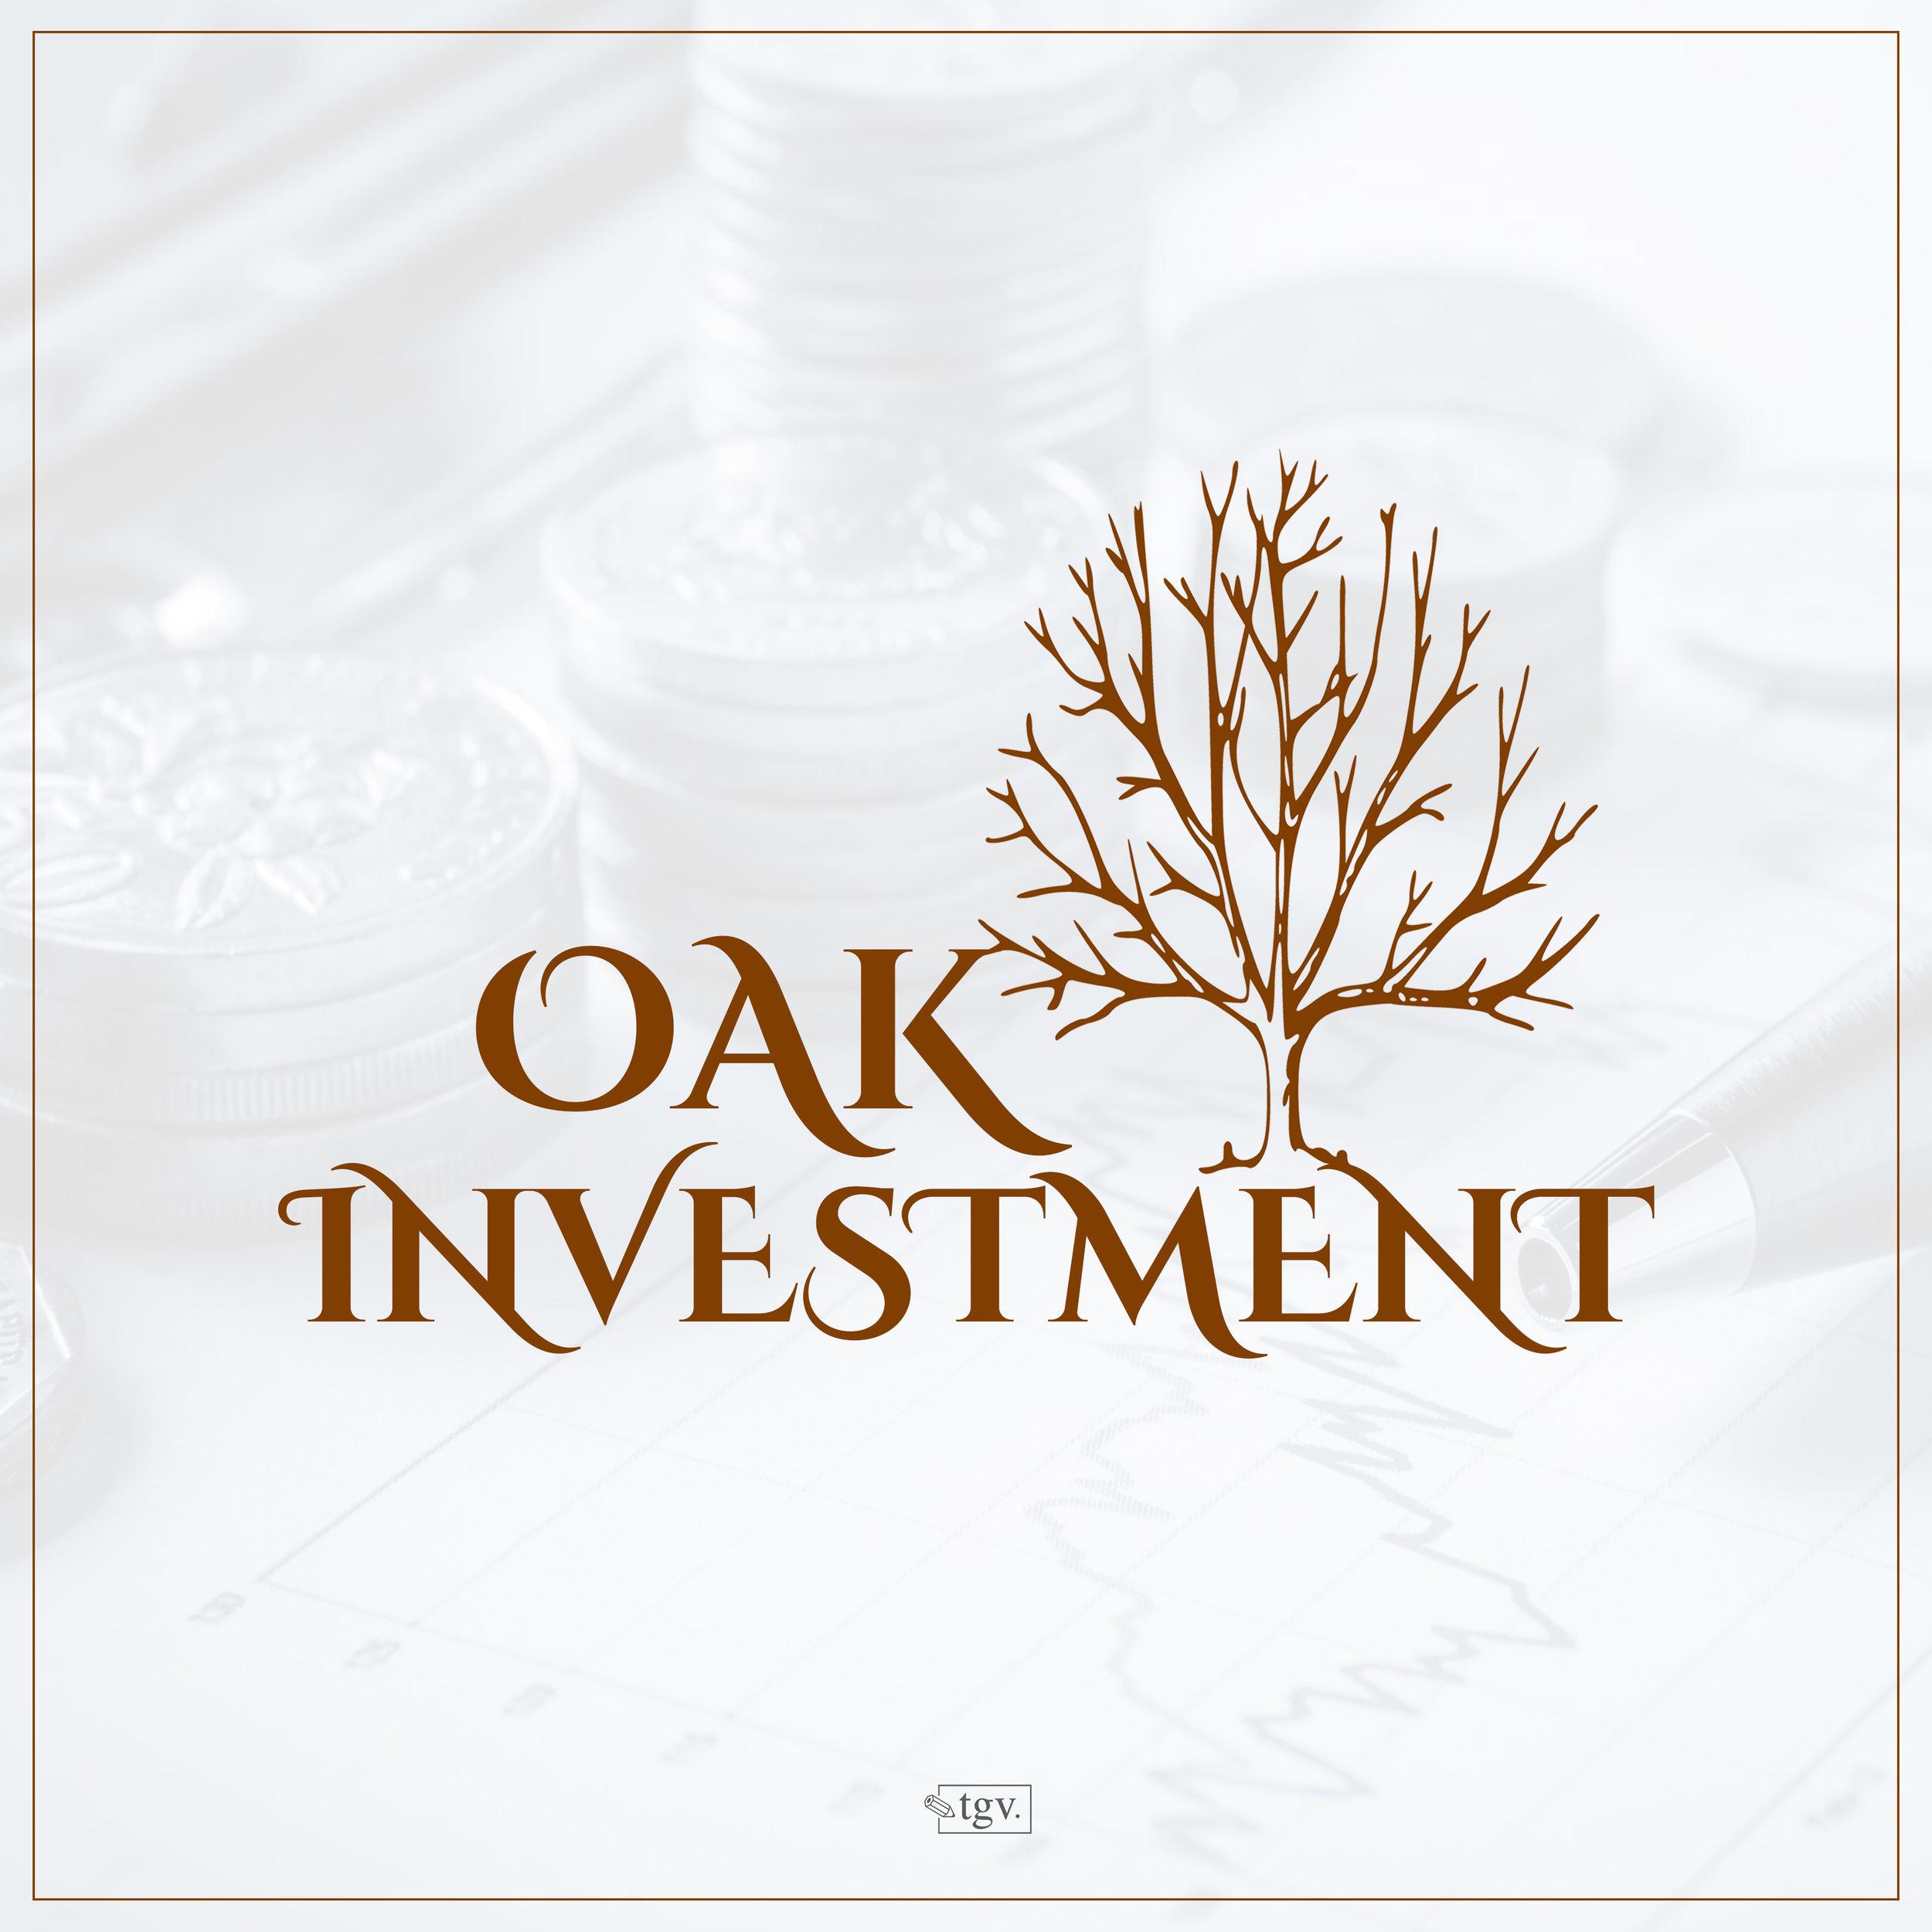 OAK-logooo.jpg